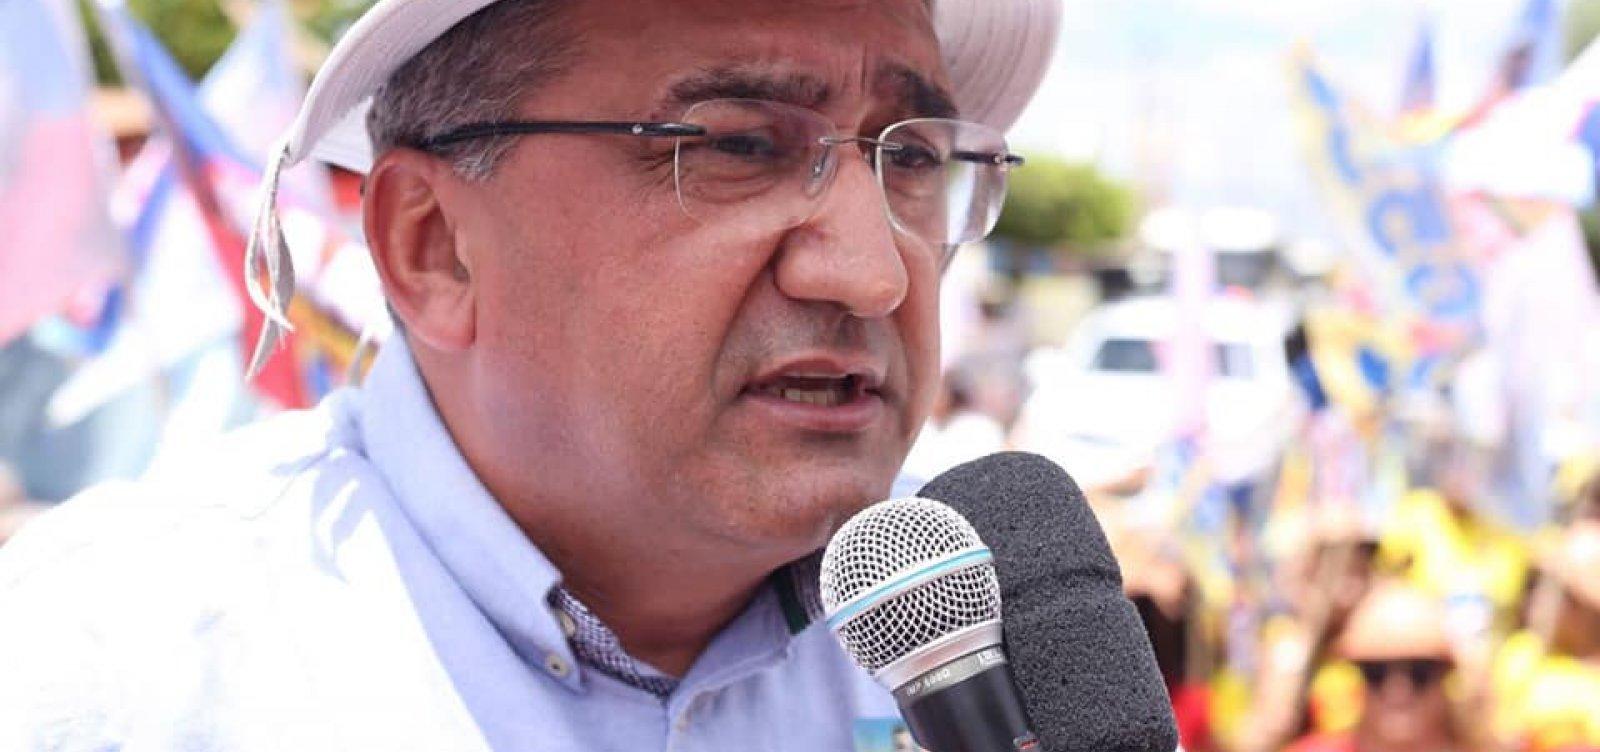 STJ mantém condenação de Isaac Carvalho por desvio de verba em Juazeiro